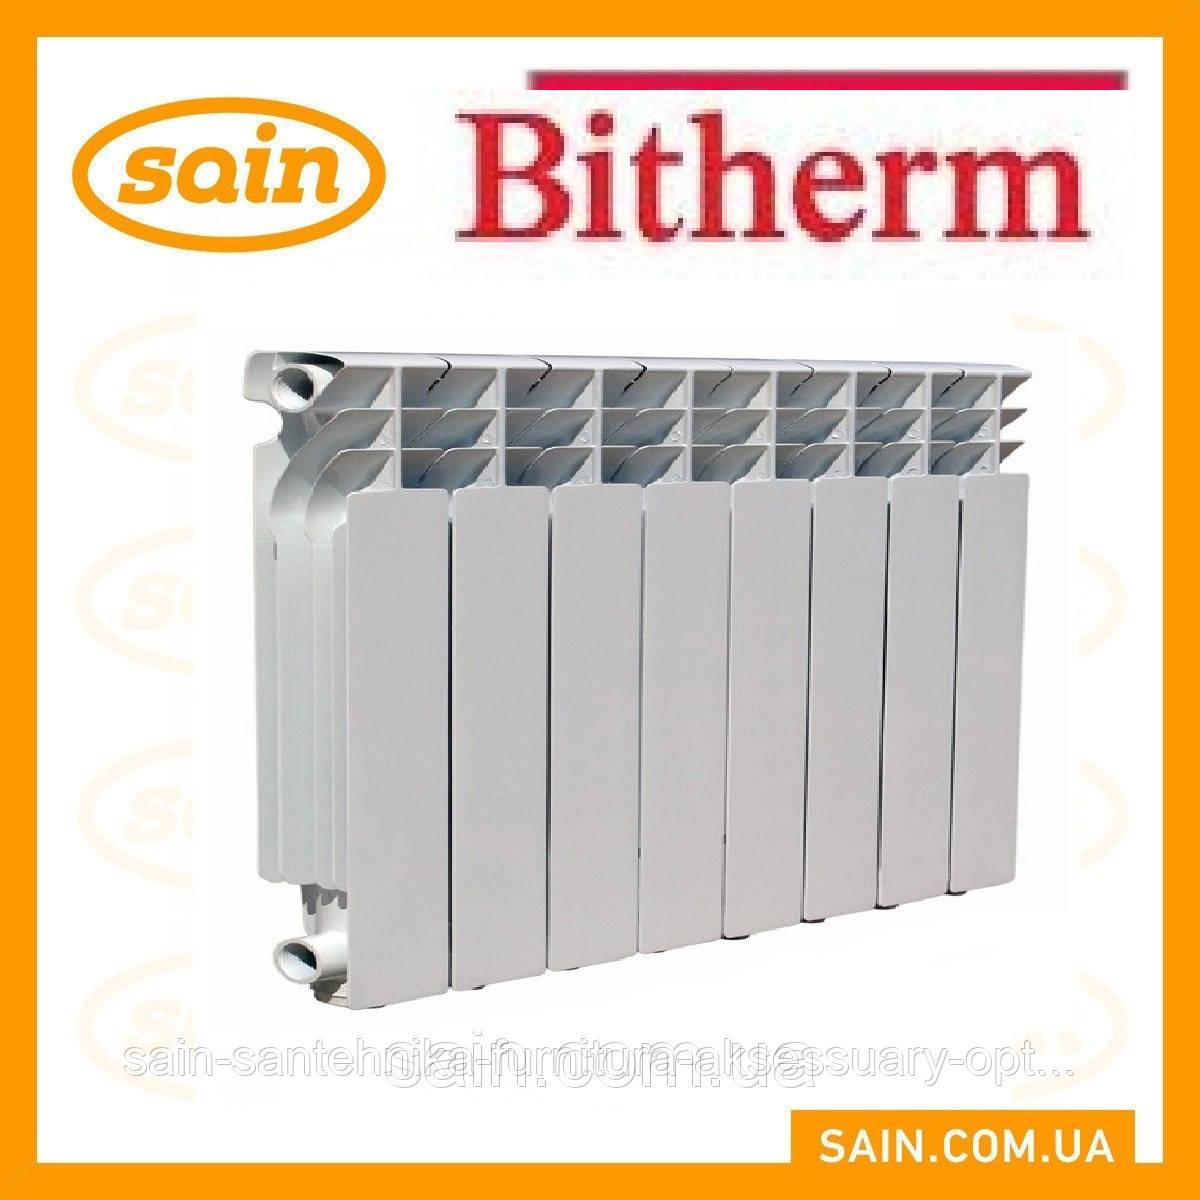 Радіатор Bitherm 80*500